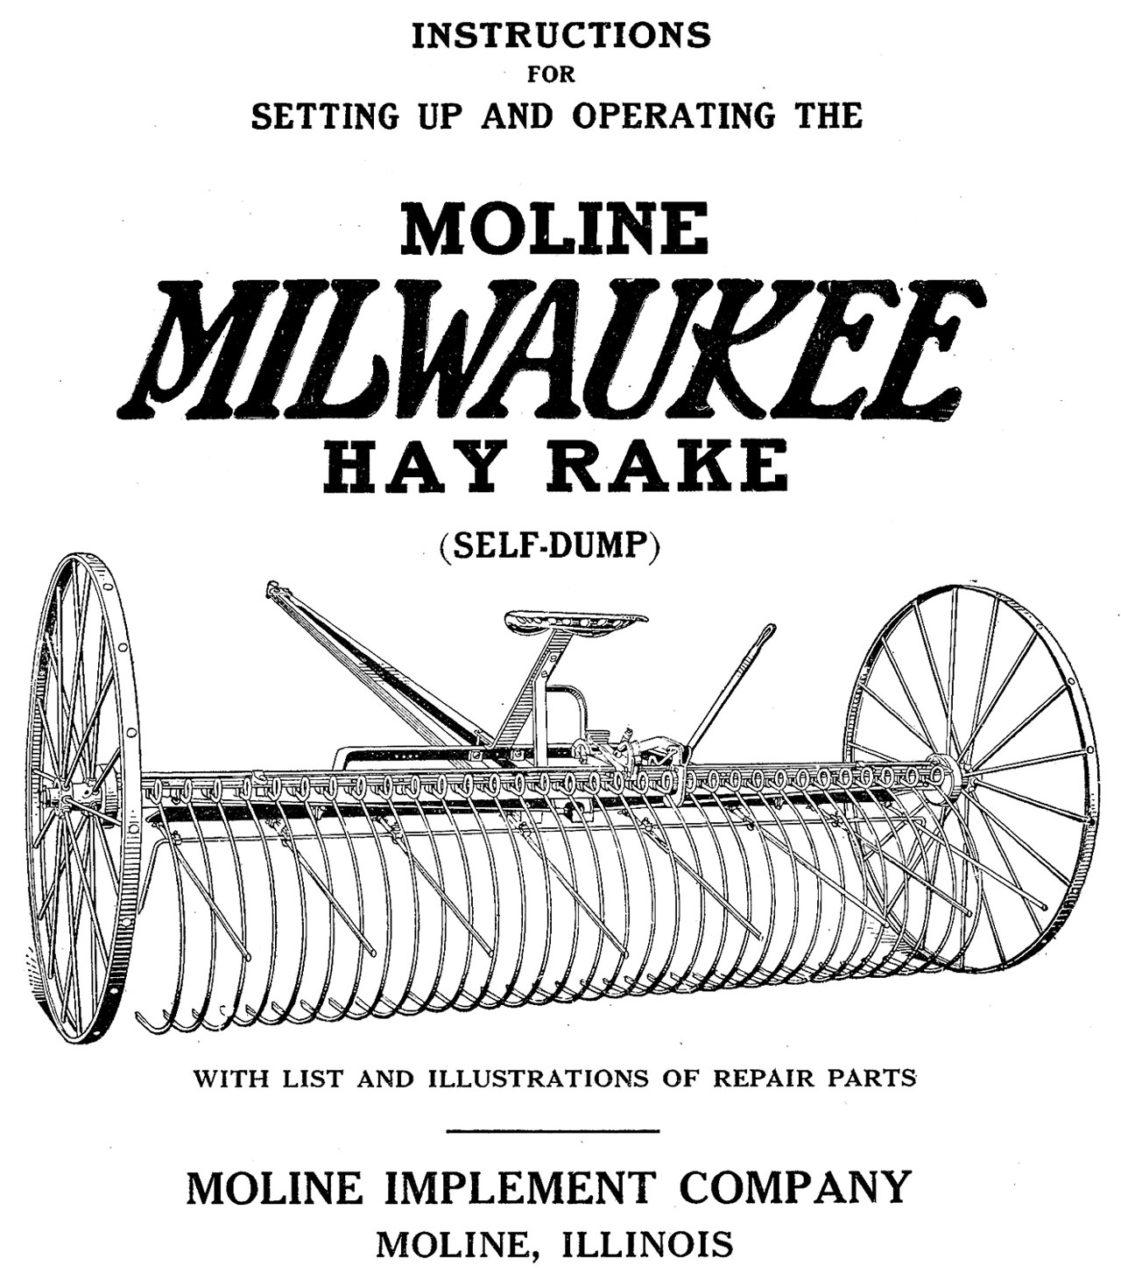 Moline Milwaukee Hay Rake